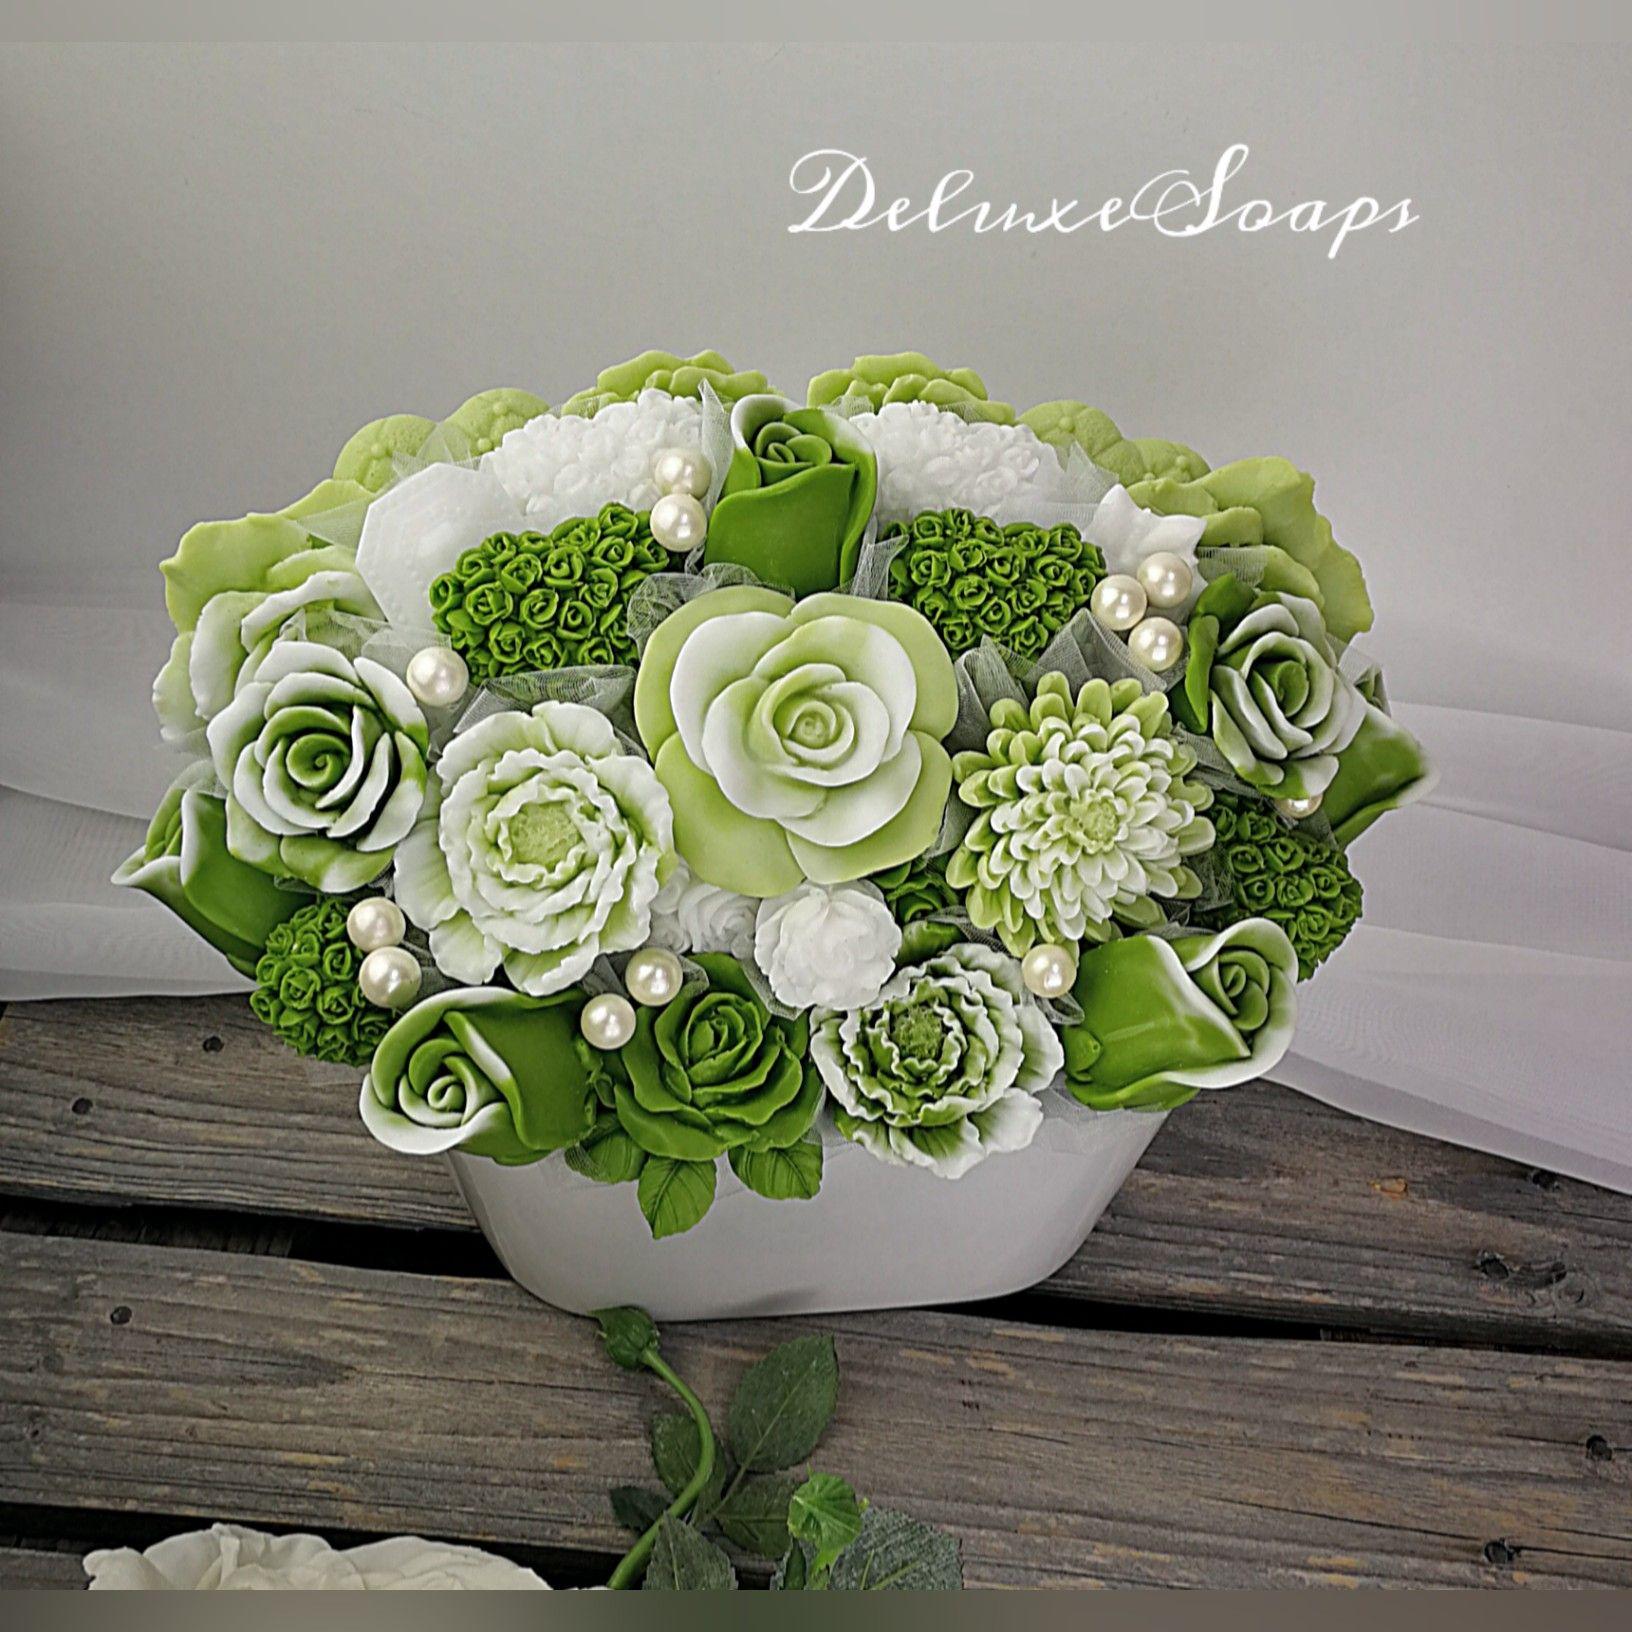 Exotick kvitnce aje Originlne, luxusn i praktick dareky pre